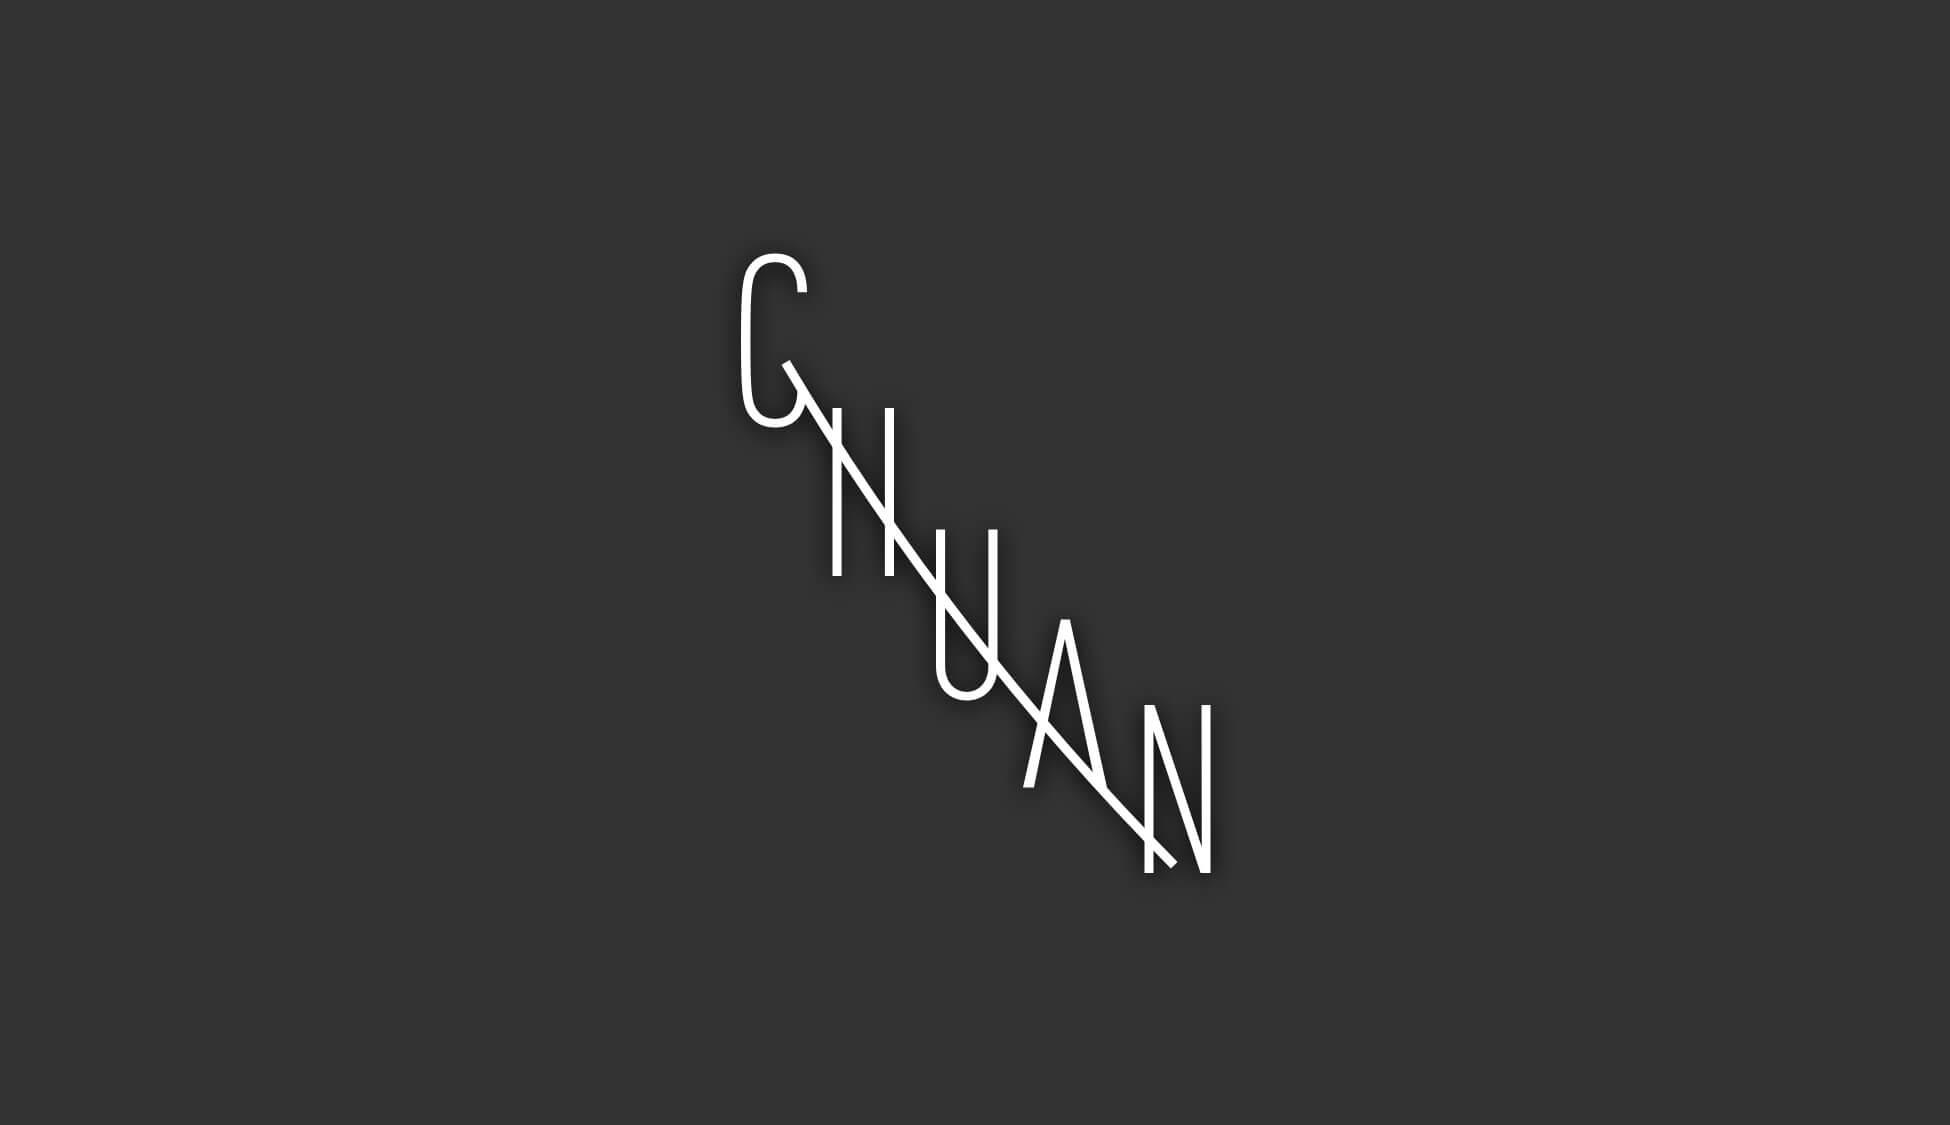 logo及字体设计_04 copy 4备份 5